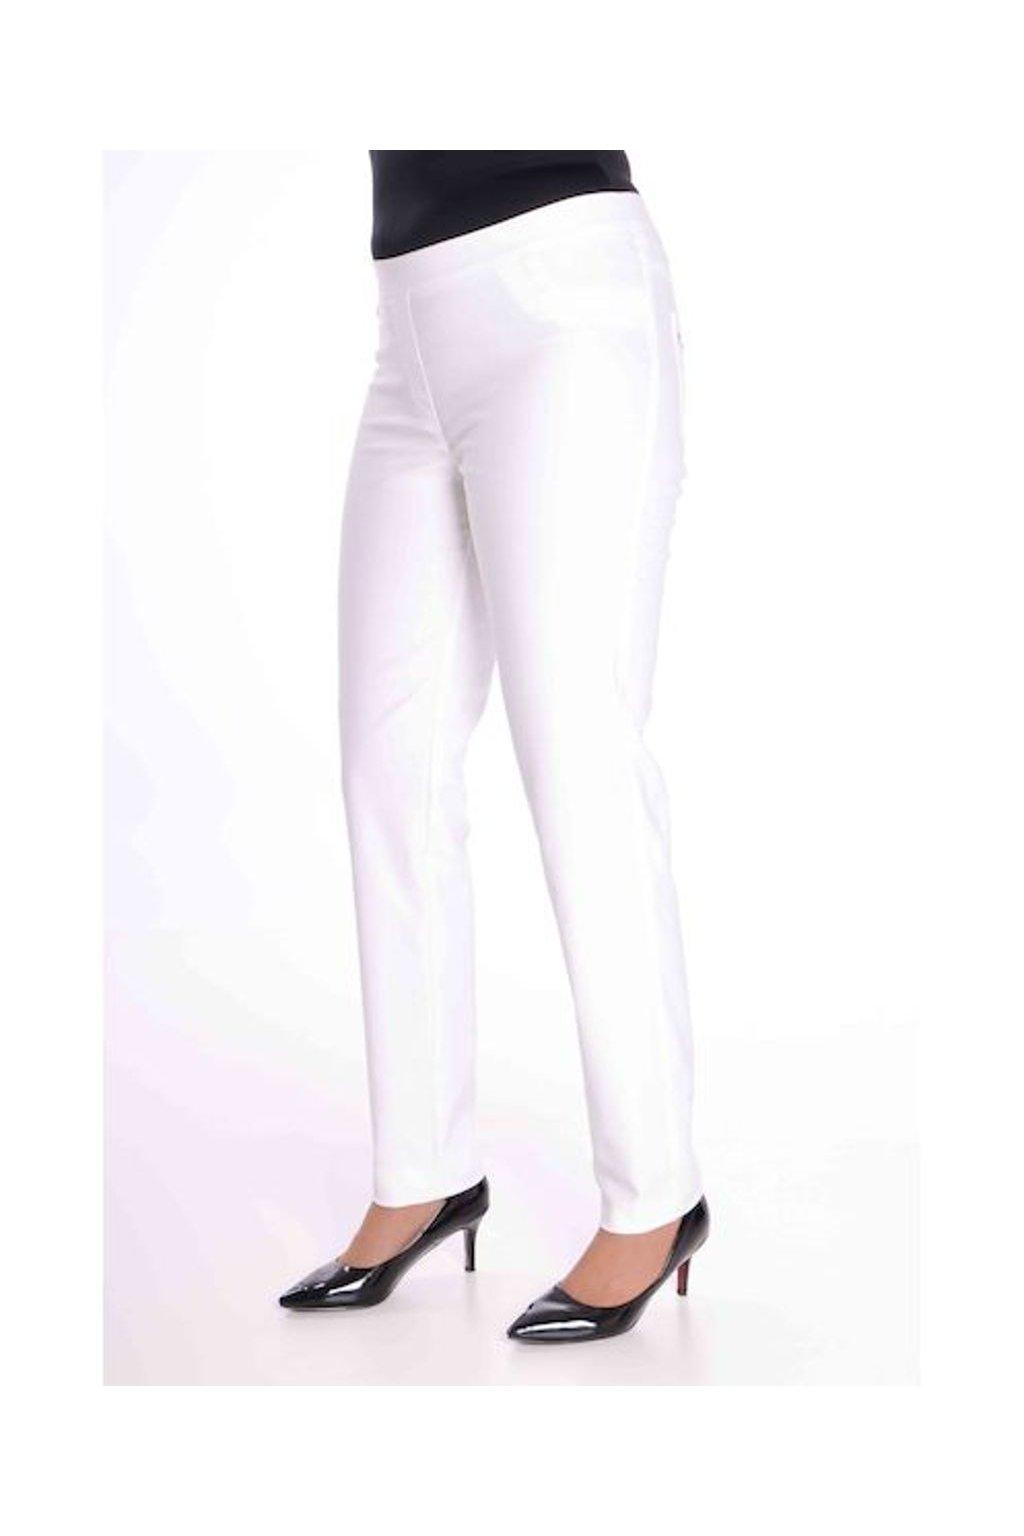 68T Kalhoty Jenny (Velikost 36, Barva Smetanová)